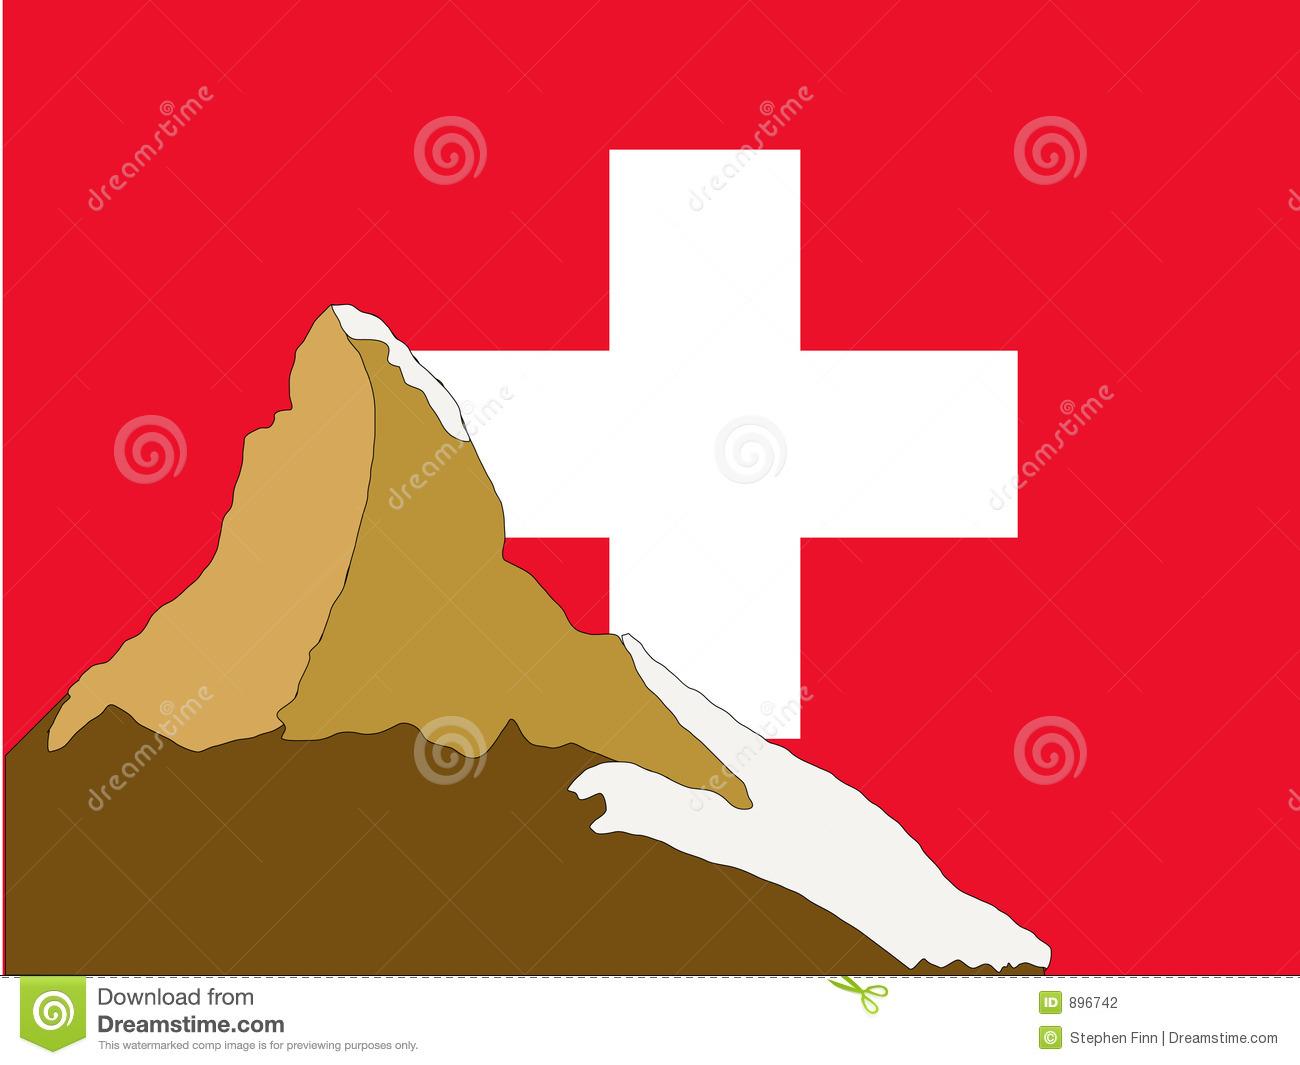 Matterhorn clipart #5, Download drawings